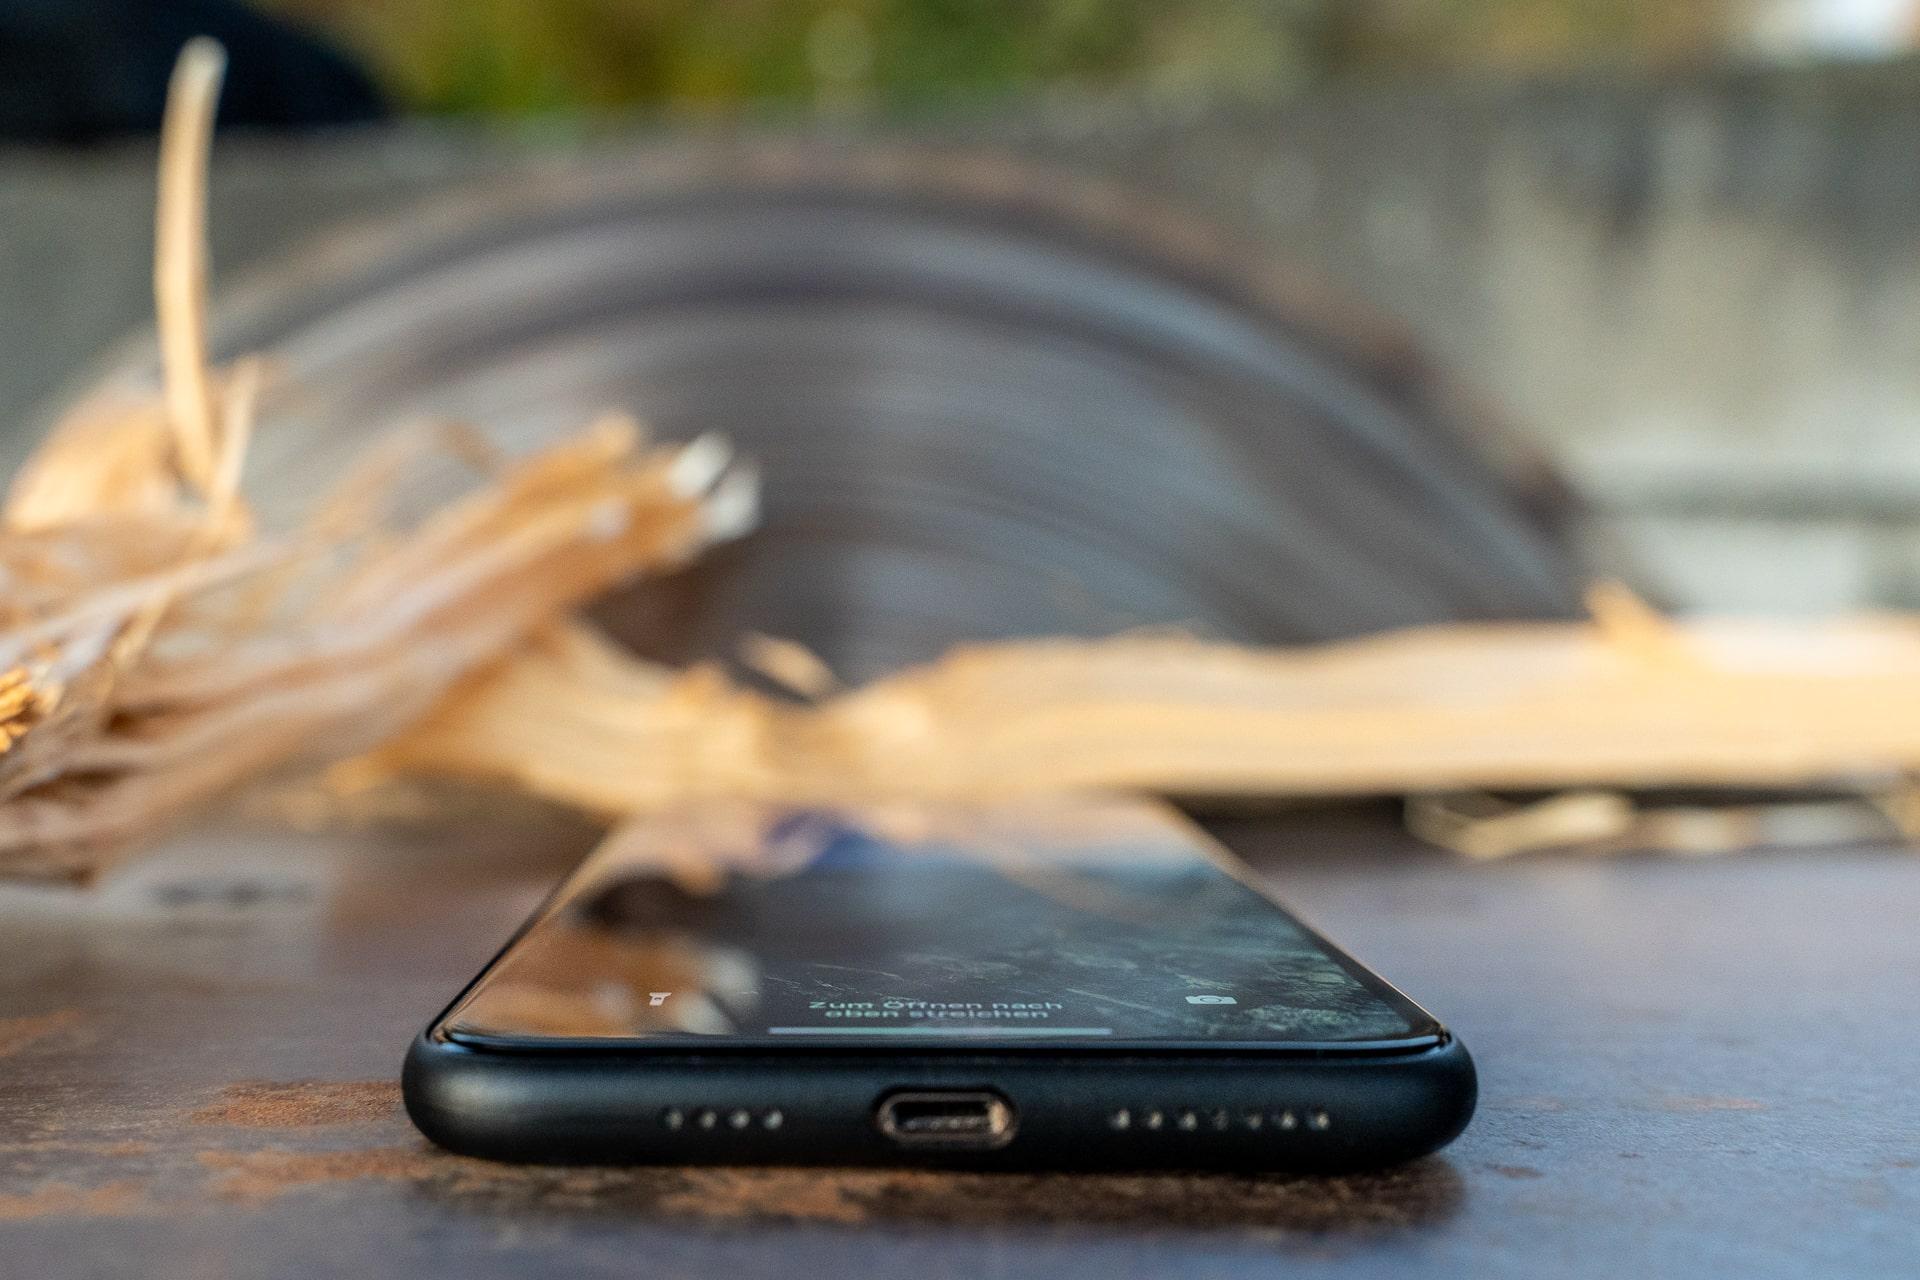 CellBee Ultra Slim Case für das iPhone 11 Pro Max, Fabian Geissler. Hack4Life, Holz, Kreissäge im Hintergrund, Review